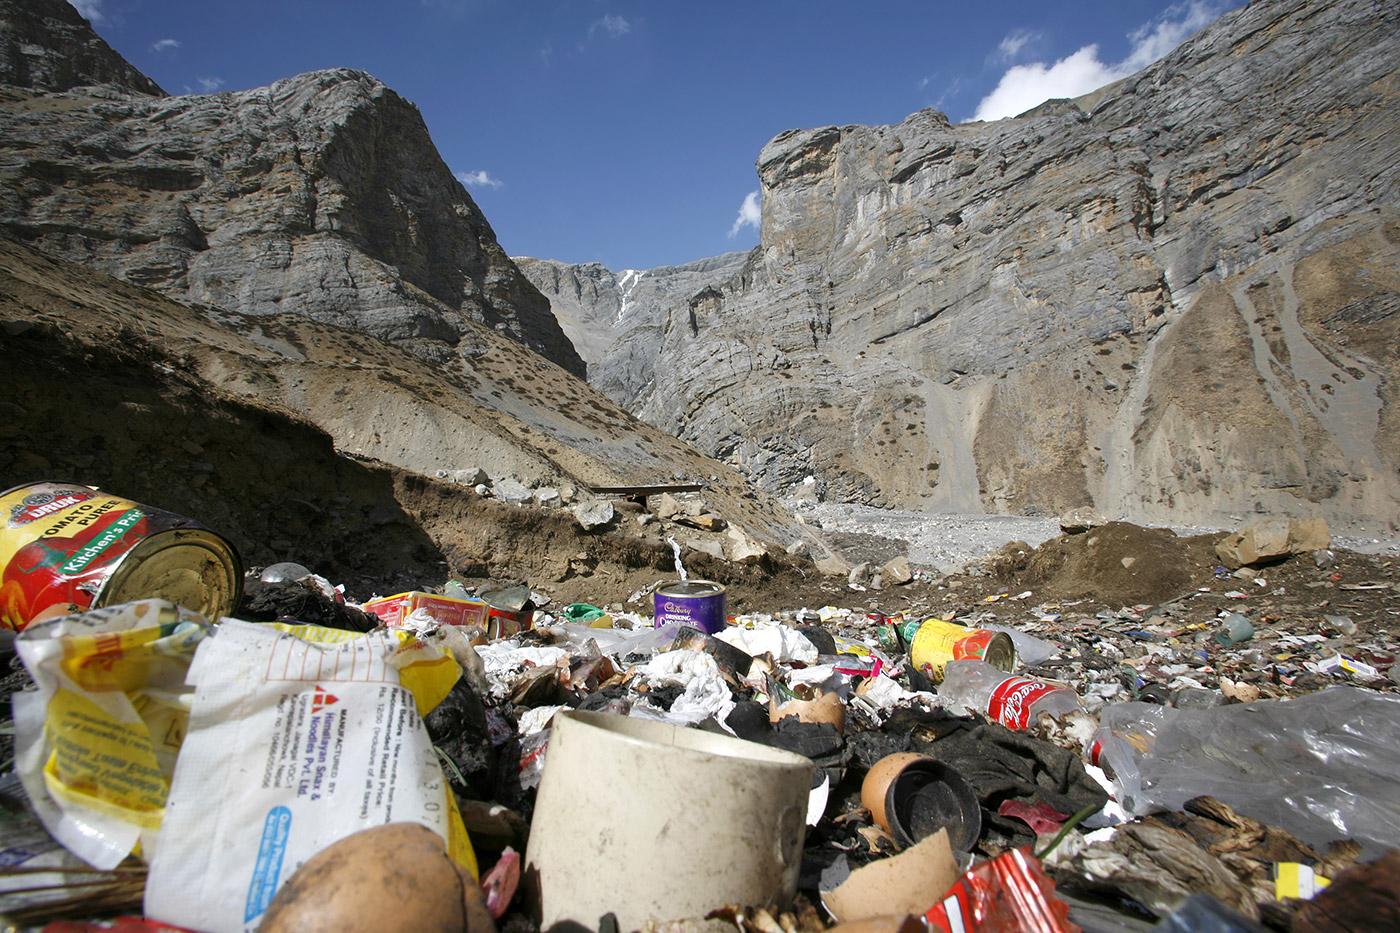 Basura y plásticos en las montañas de Nepal